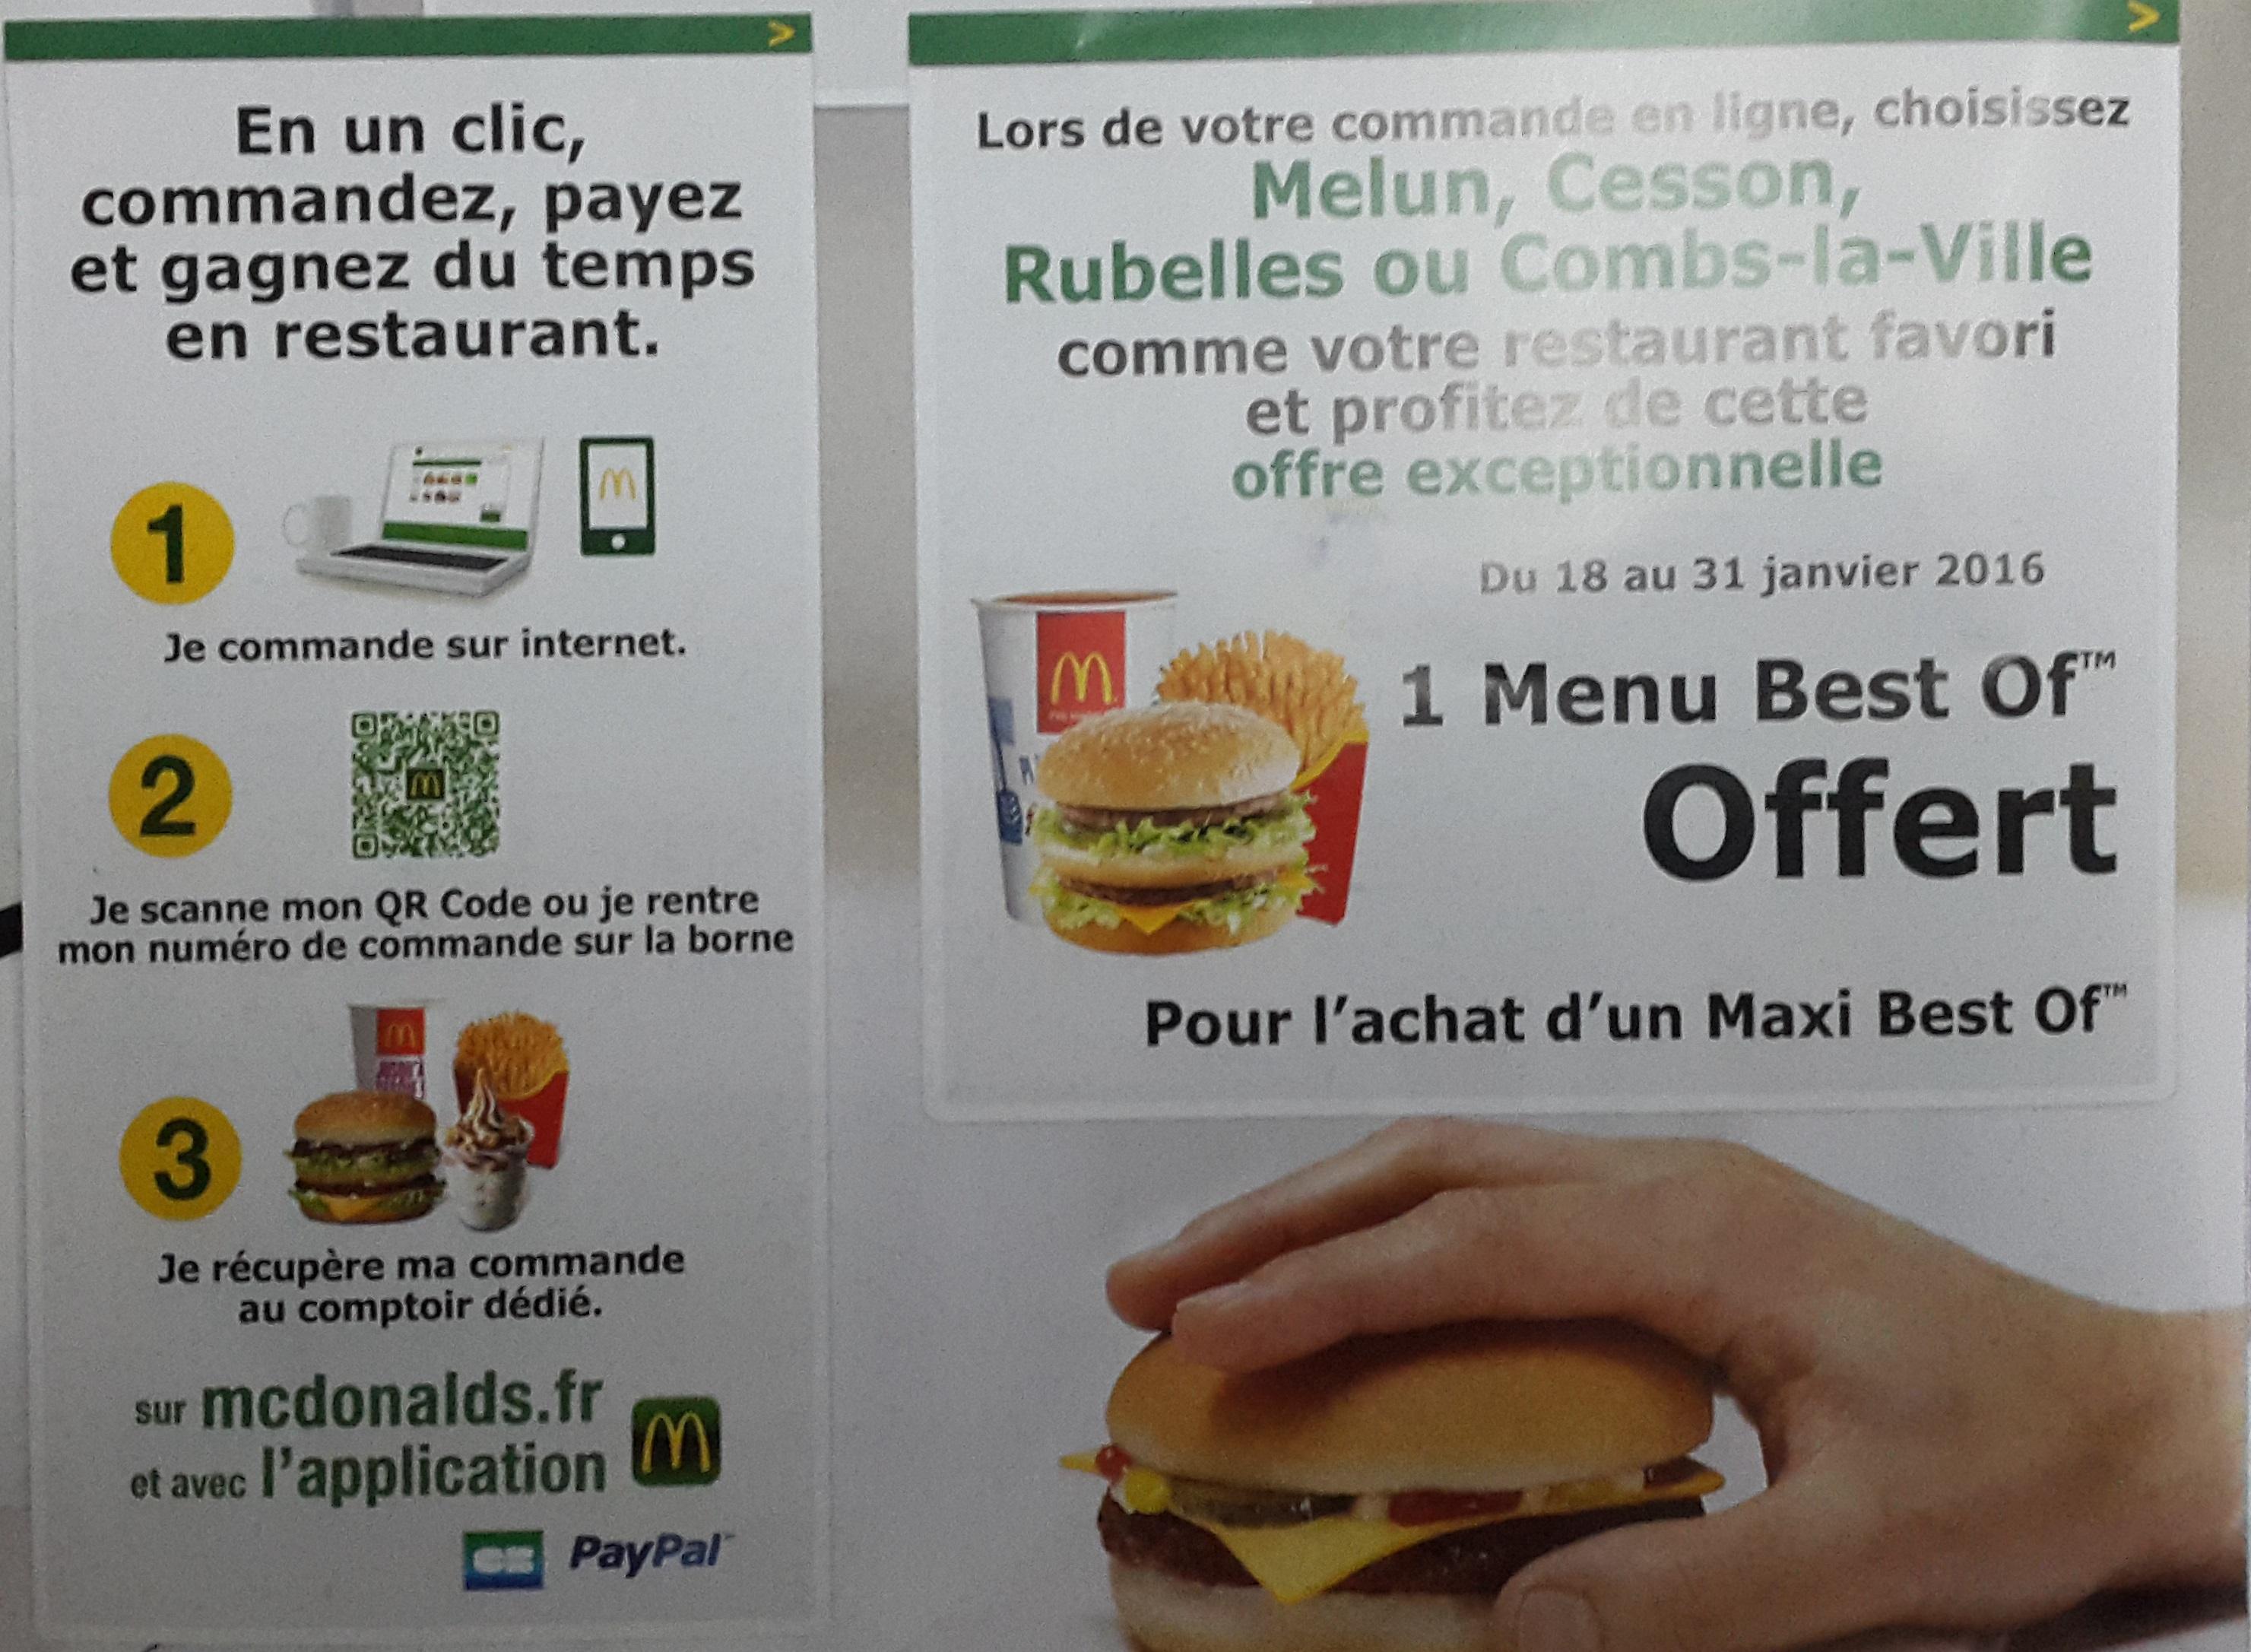 1 Menu Best Of offert pour l'achat d'un menu Maxi Best Of